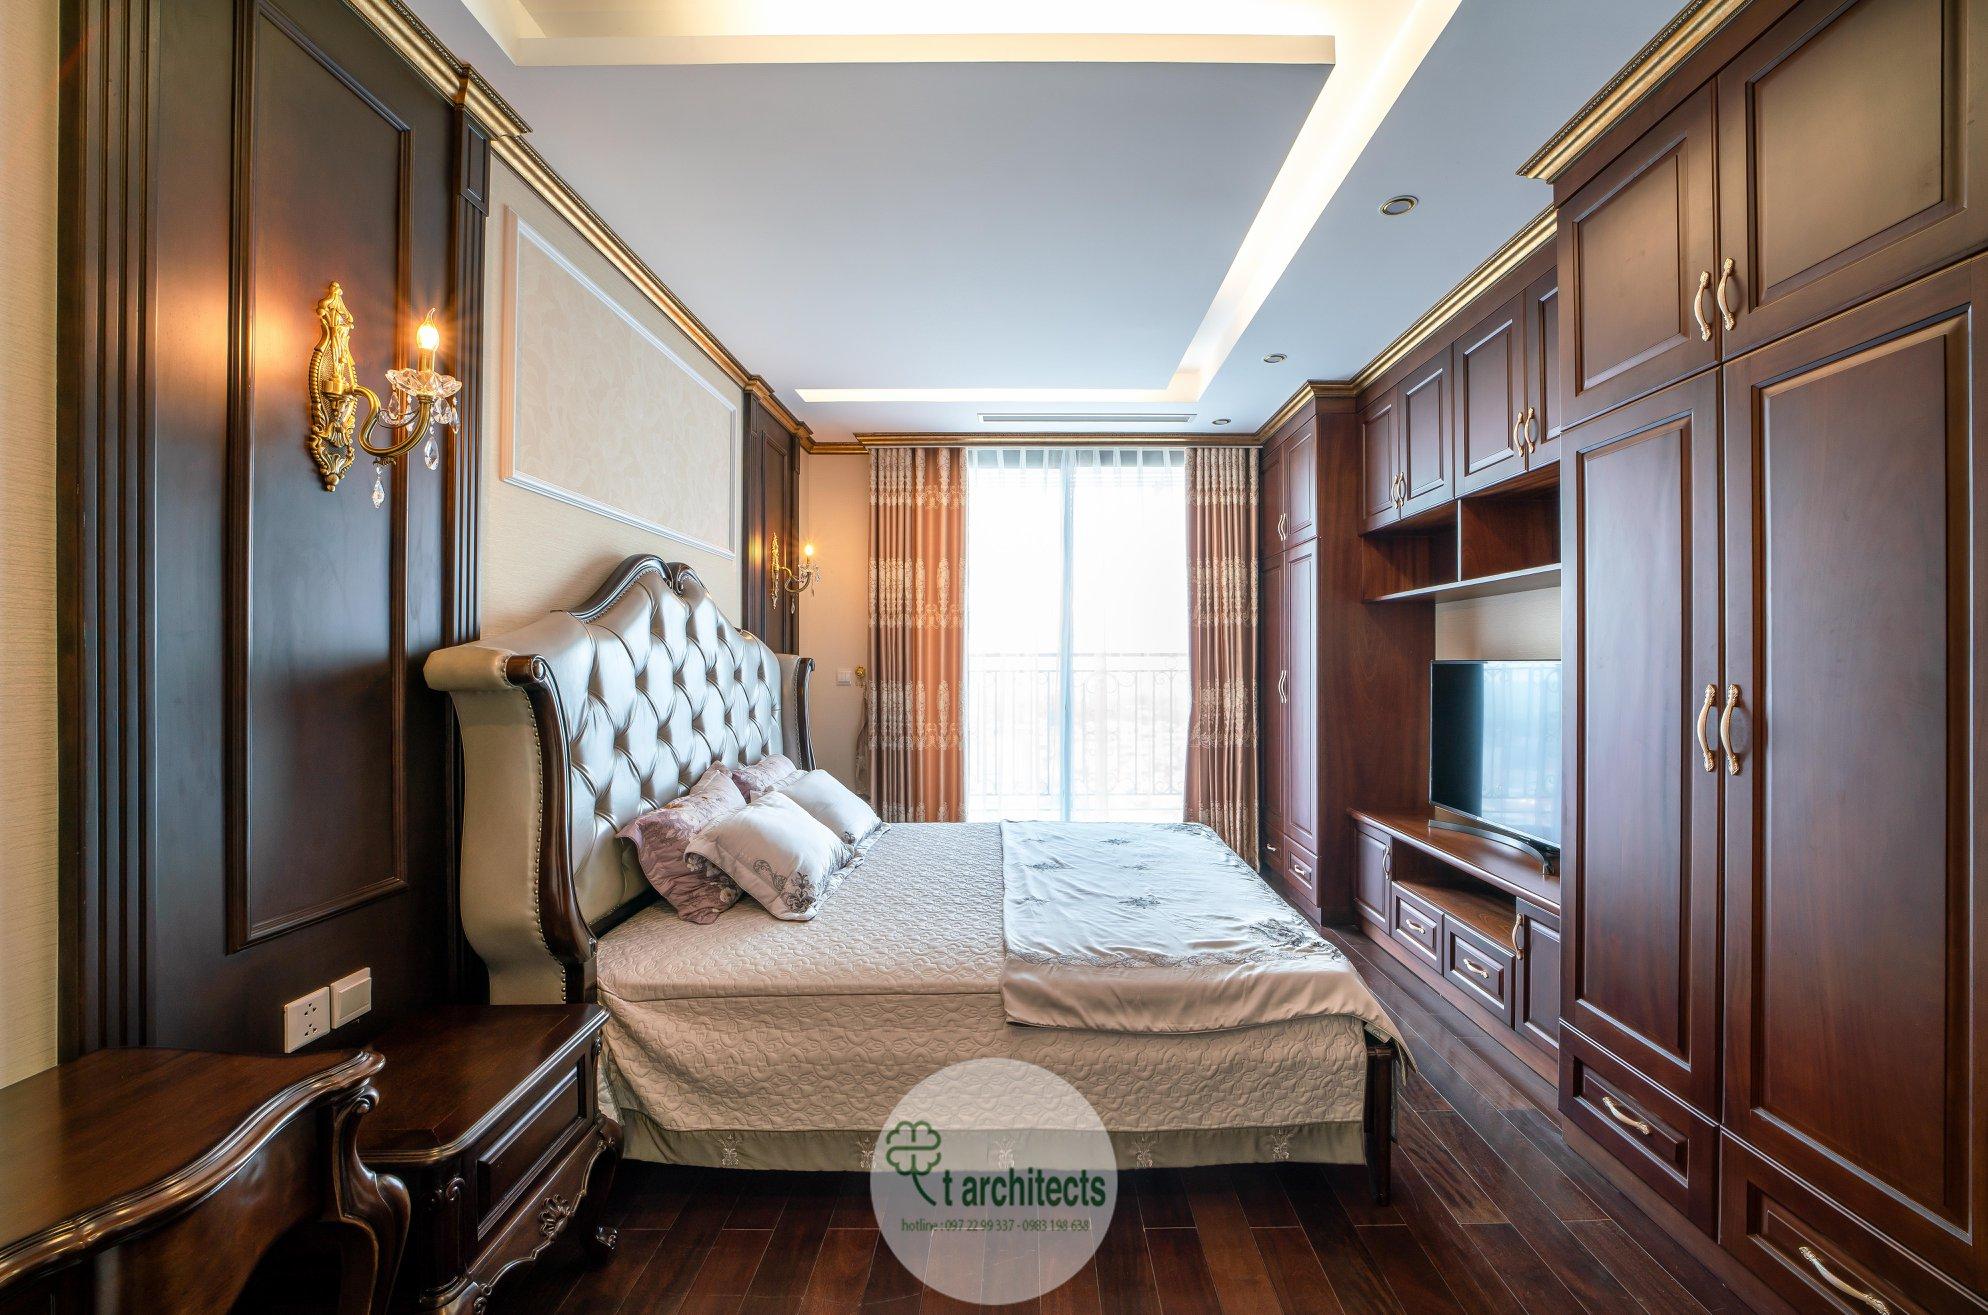 Thiết kế nội thất Chung Cư tại Hà Nội Thiết kế 6 căn hộ mẫu chung cư HC GOLDEN CITY 1589766602 36